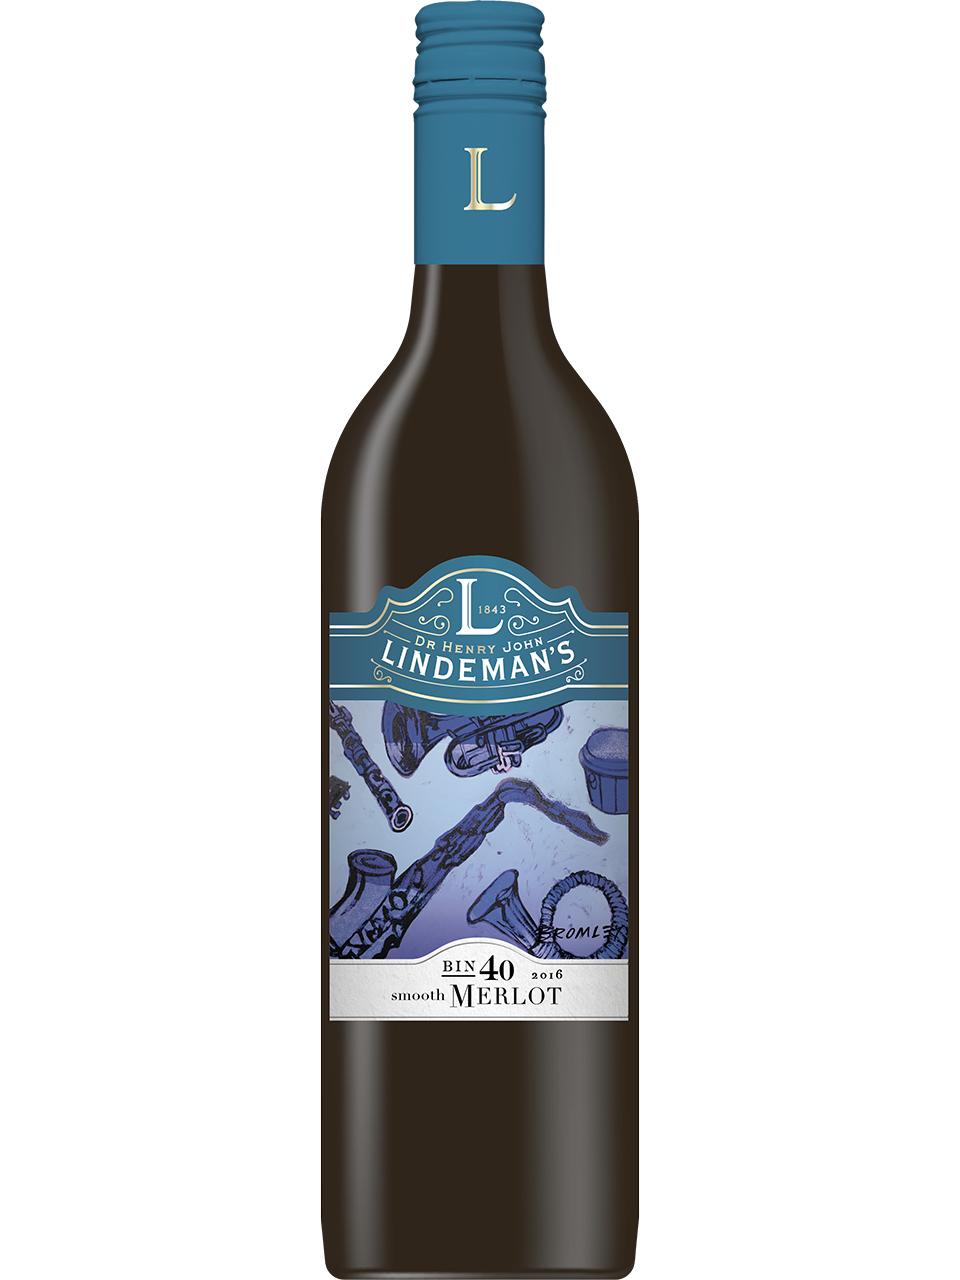 Lindeman's Bin 40 Merlot